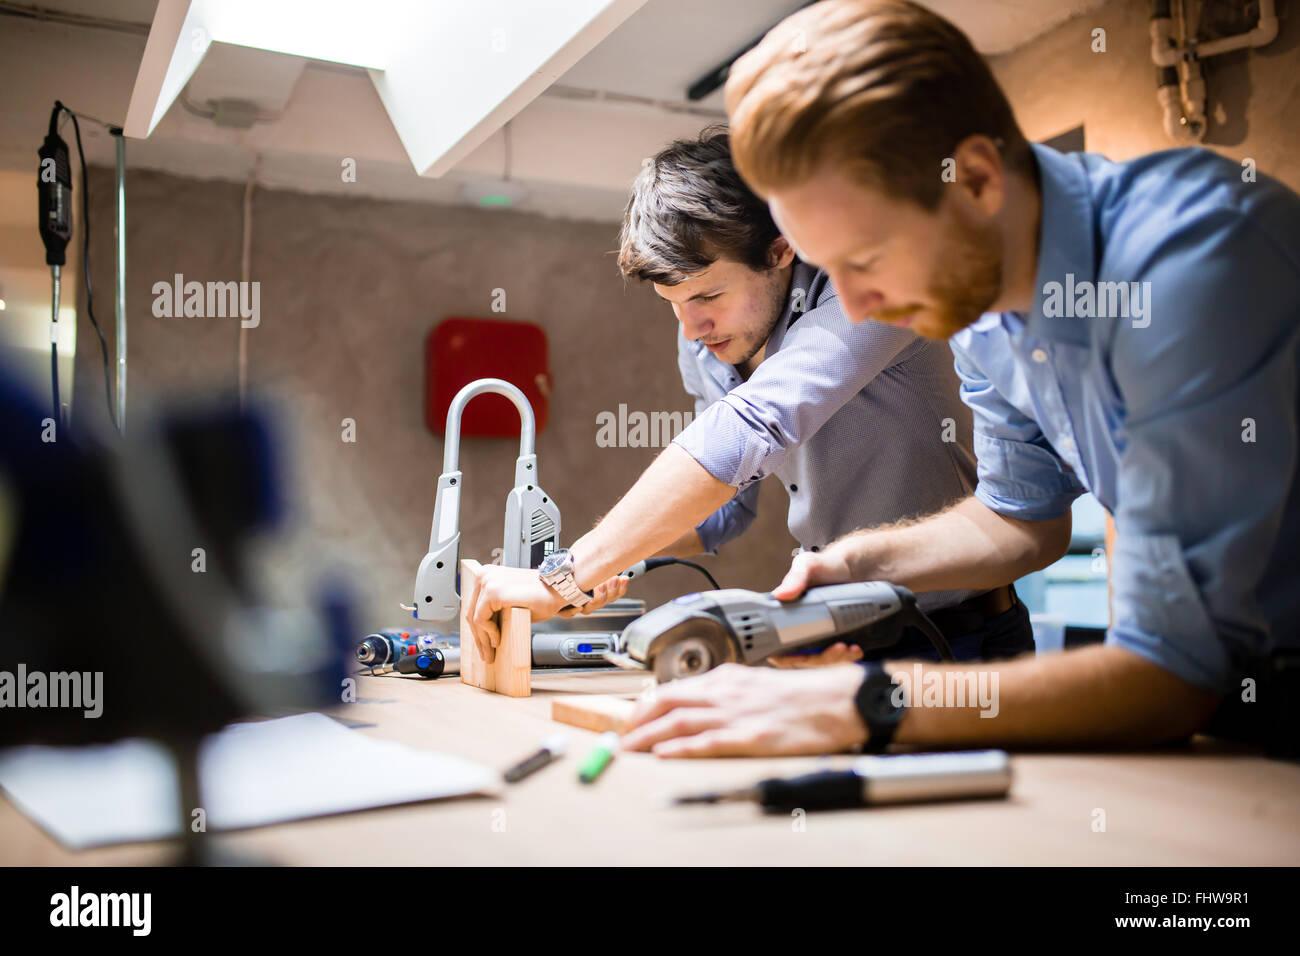 Deux concepteurs créatifs travaillant en atelier et la création de meubles sur mesure Photo Stock